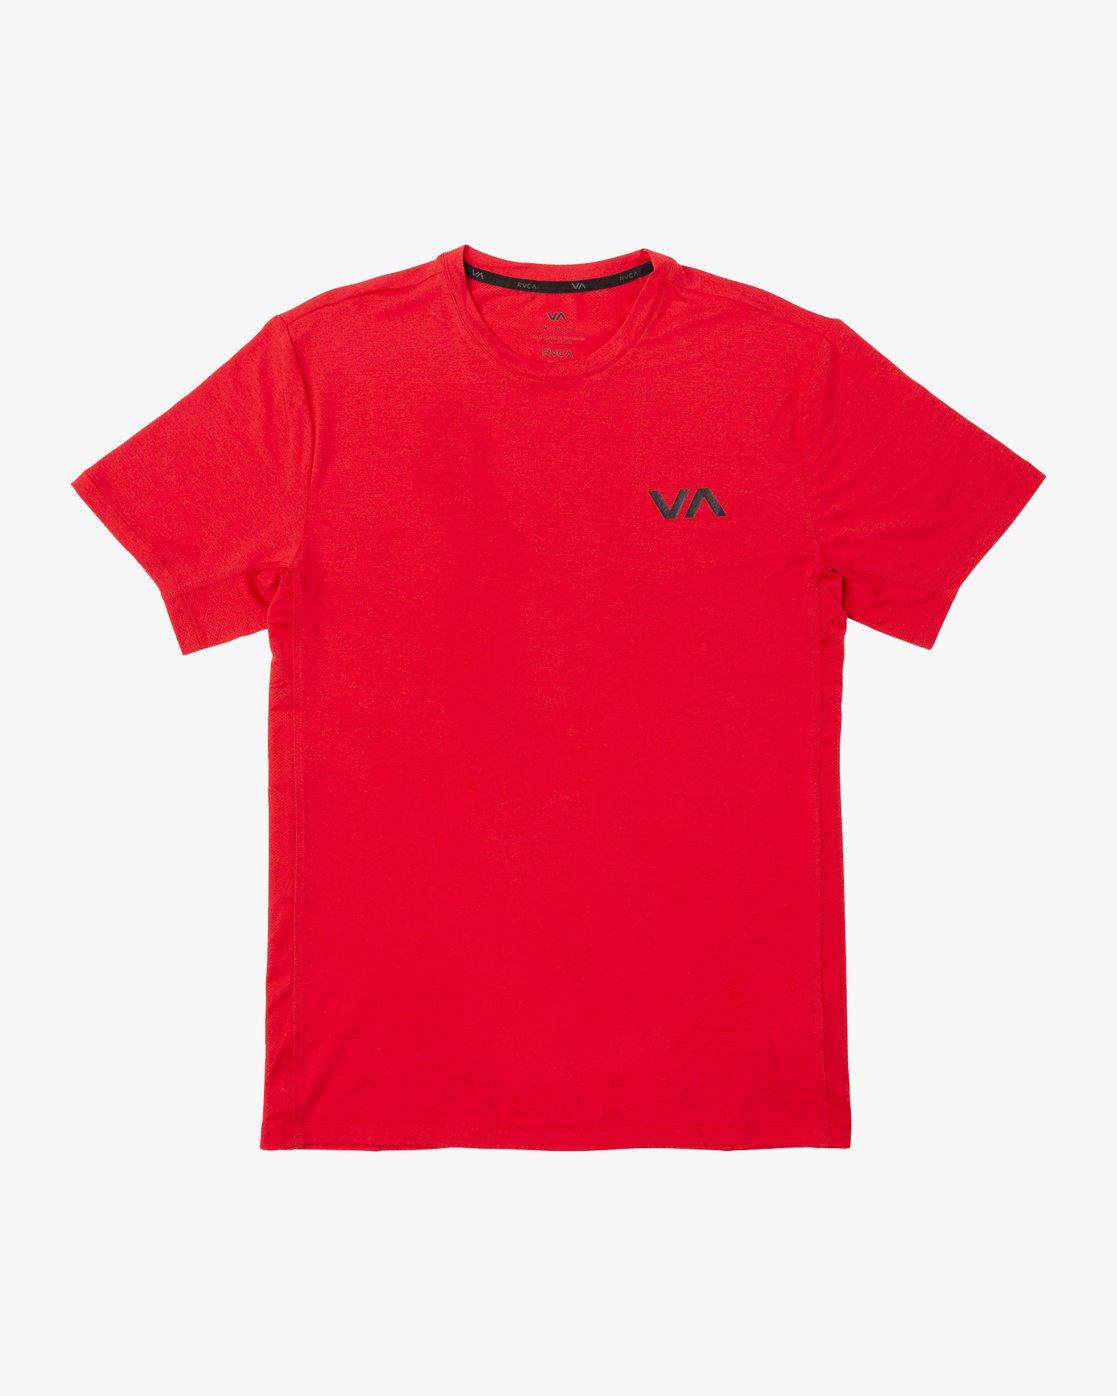 0 VA Vent Short Sleeve Top Red V904QRVS RVCA